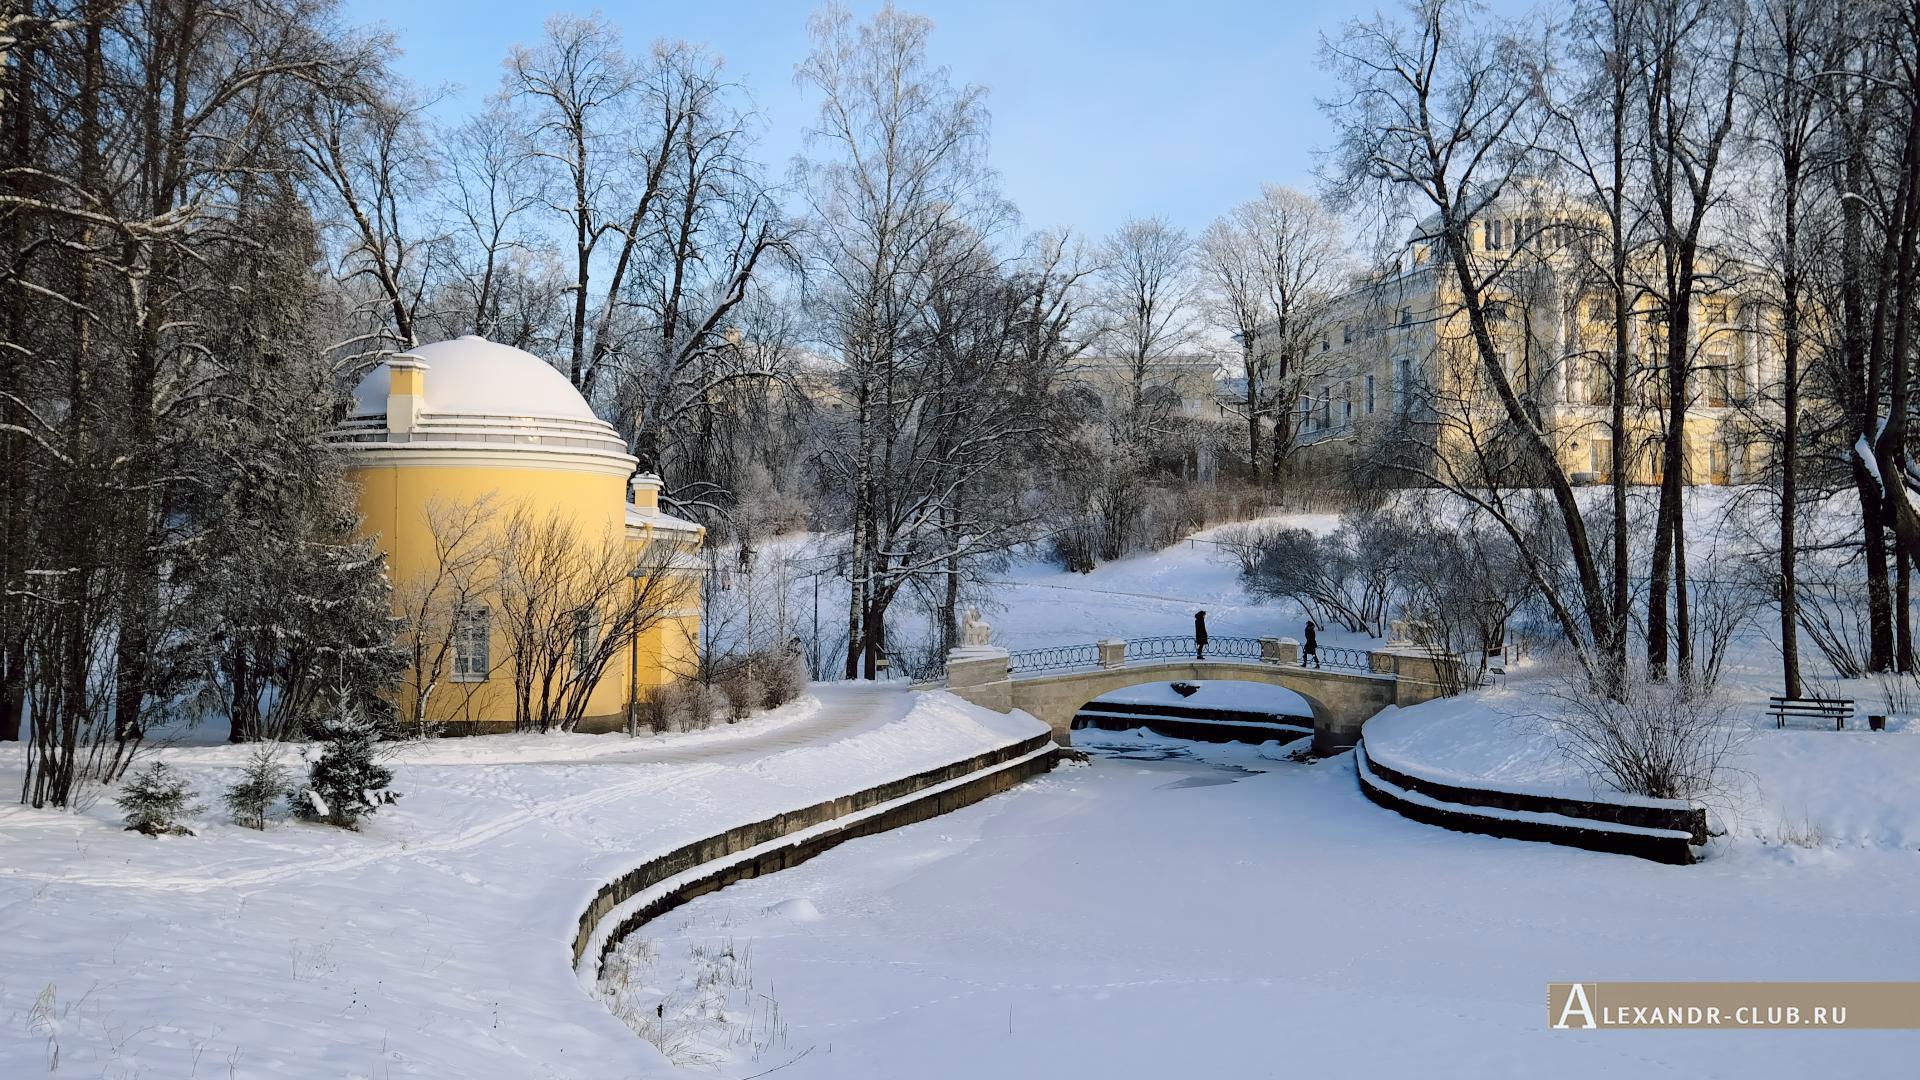 Павловск, зима, Павловский парк, мост Кентавров, Холодная баня